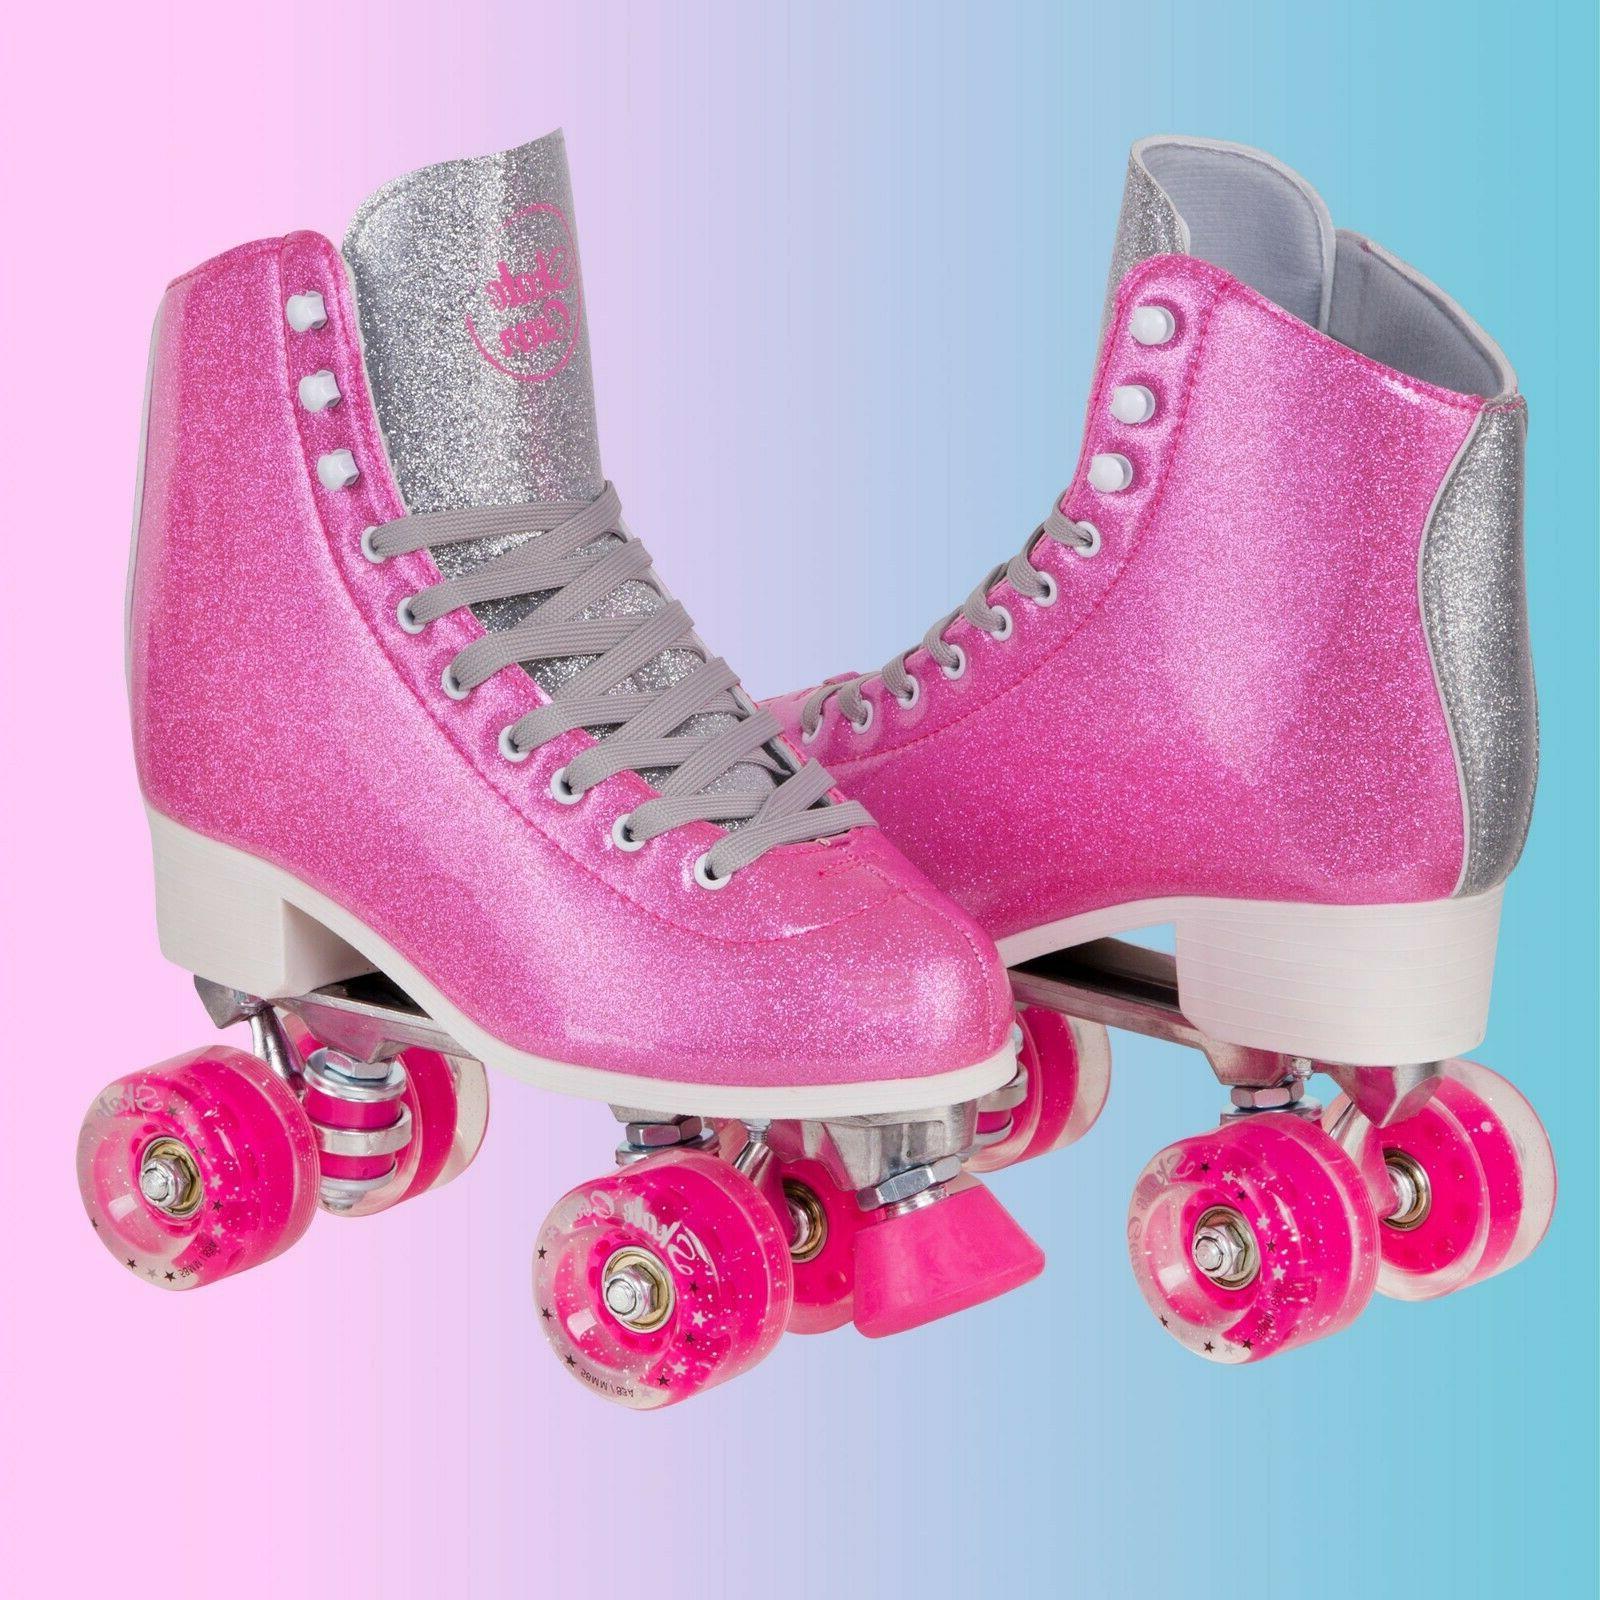 Skate Gear Roller Summer Ride